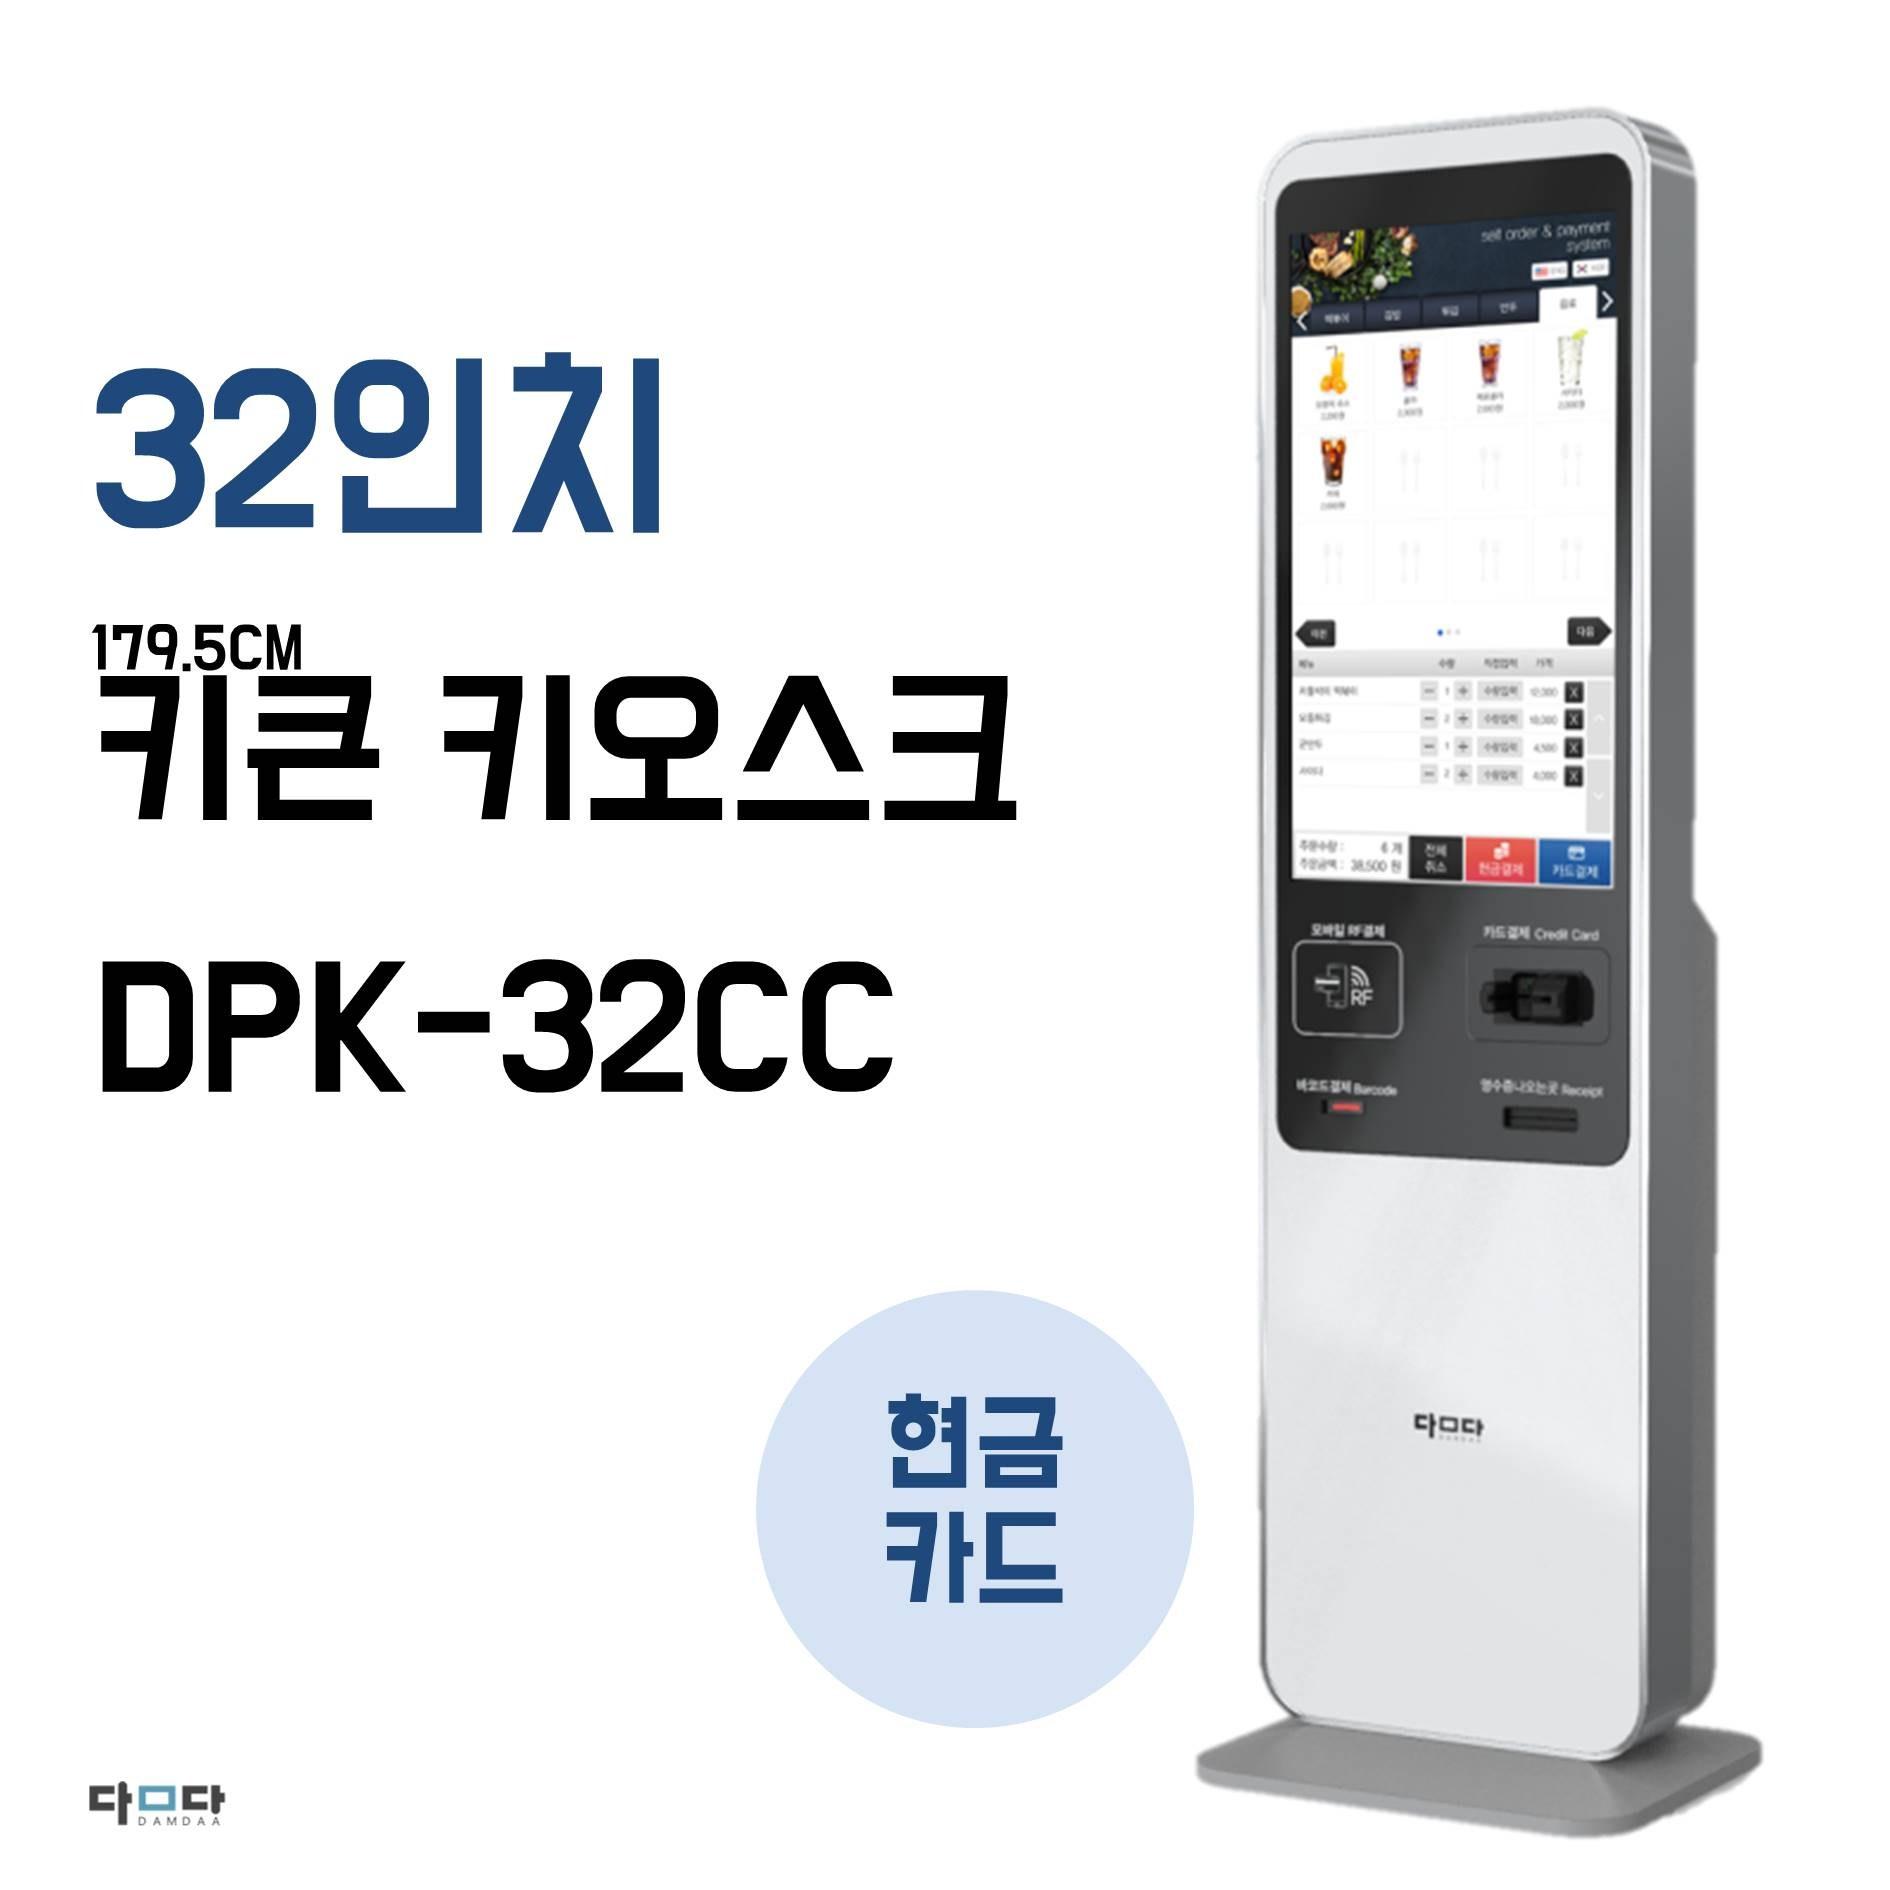 담다페이 KDK-357 32인치 홍성 세로형 무인결제기 비대면결제 삼성 페이 현금카드겸용 담다 키오스크, 담다페이 KDK-357 키오스크